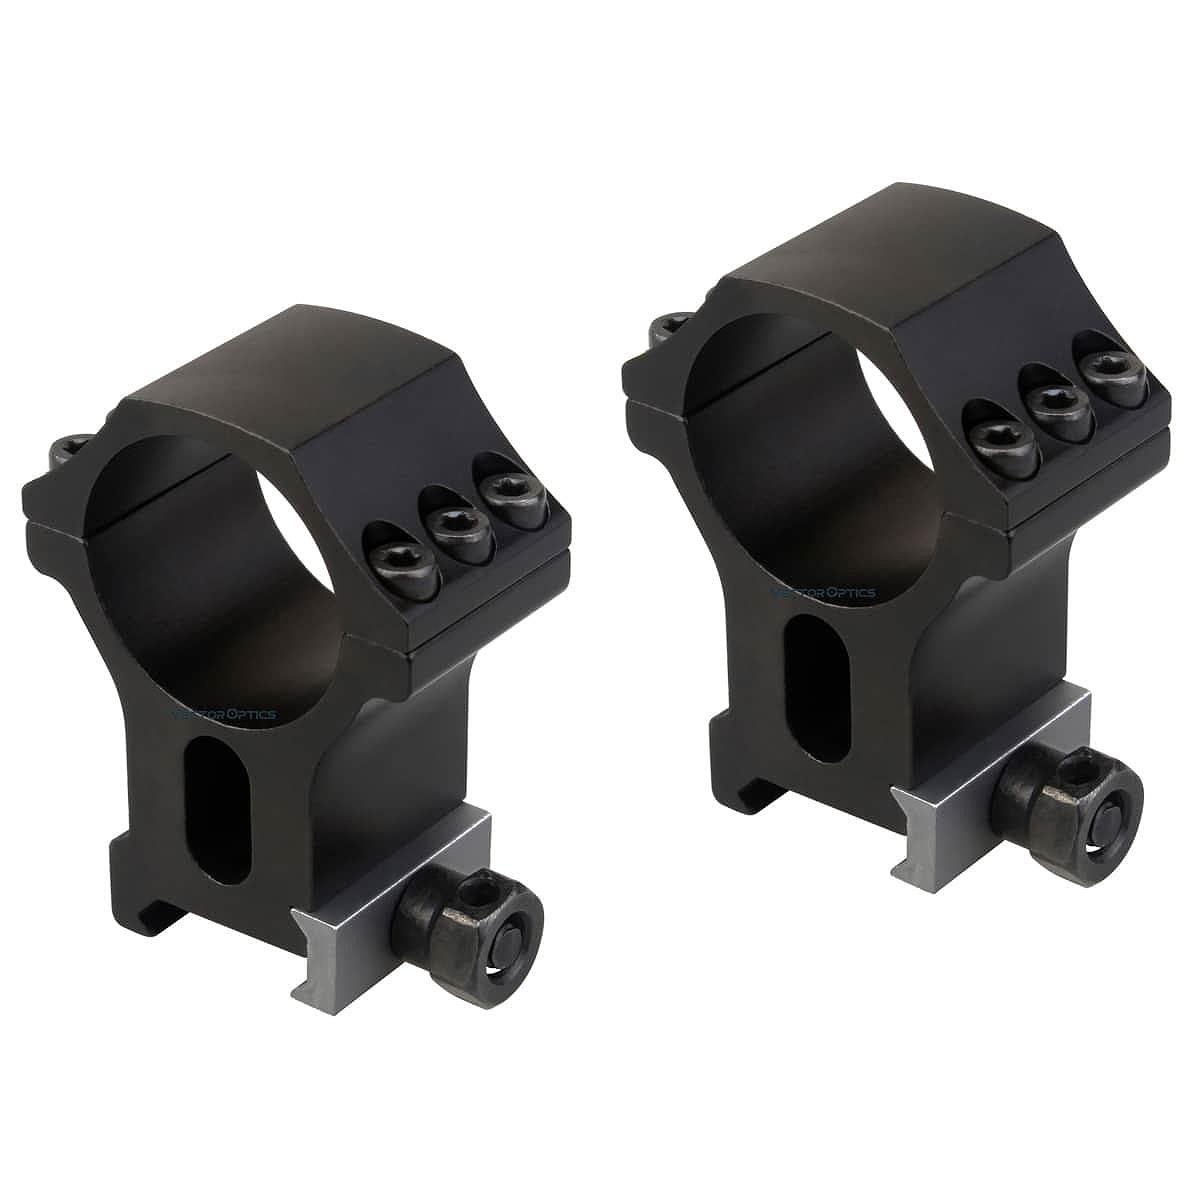 【お届け予定日: 3月30日】ベクターオプティクス ライフルスコープ Vantage 5-30x56  Vector Optics SCOL-24